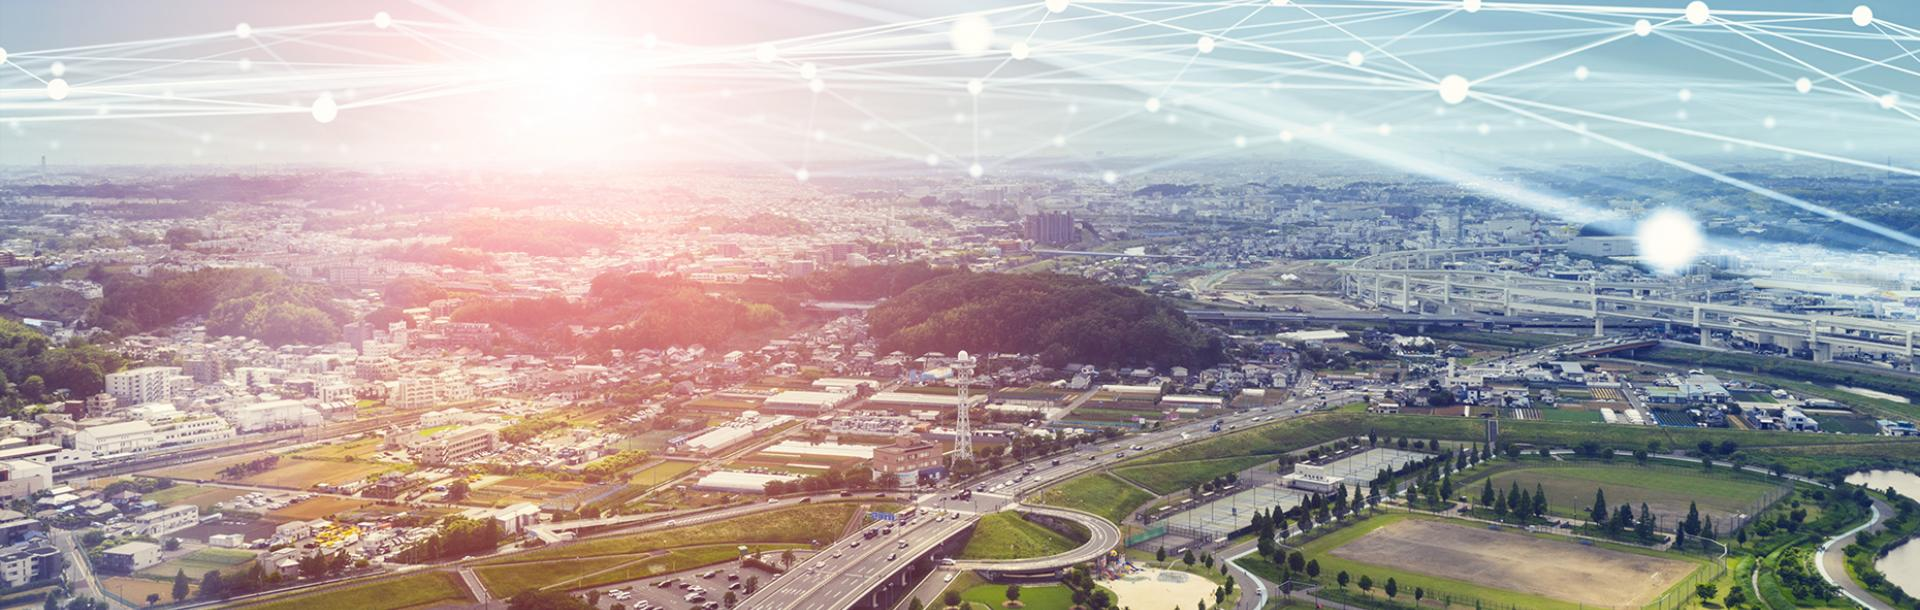 עיר, סביבה ותכנון - ניהול נכון של סביבות עירוניות